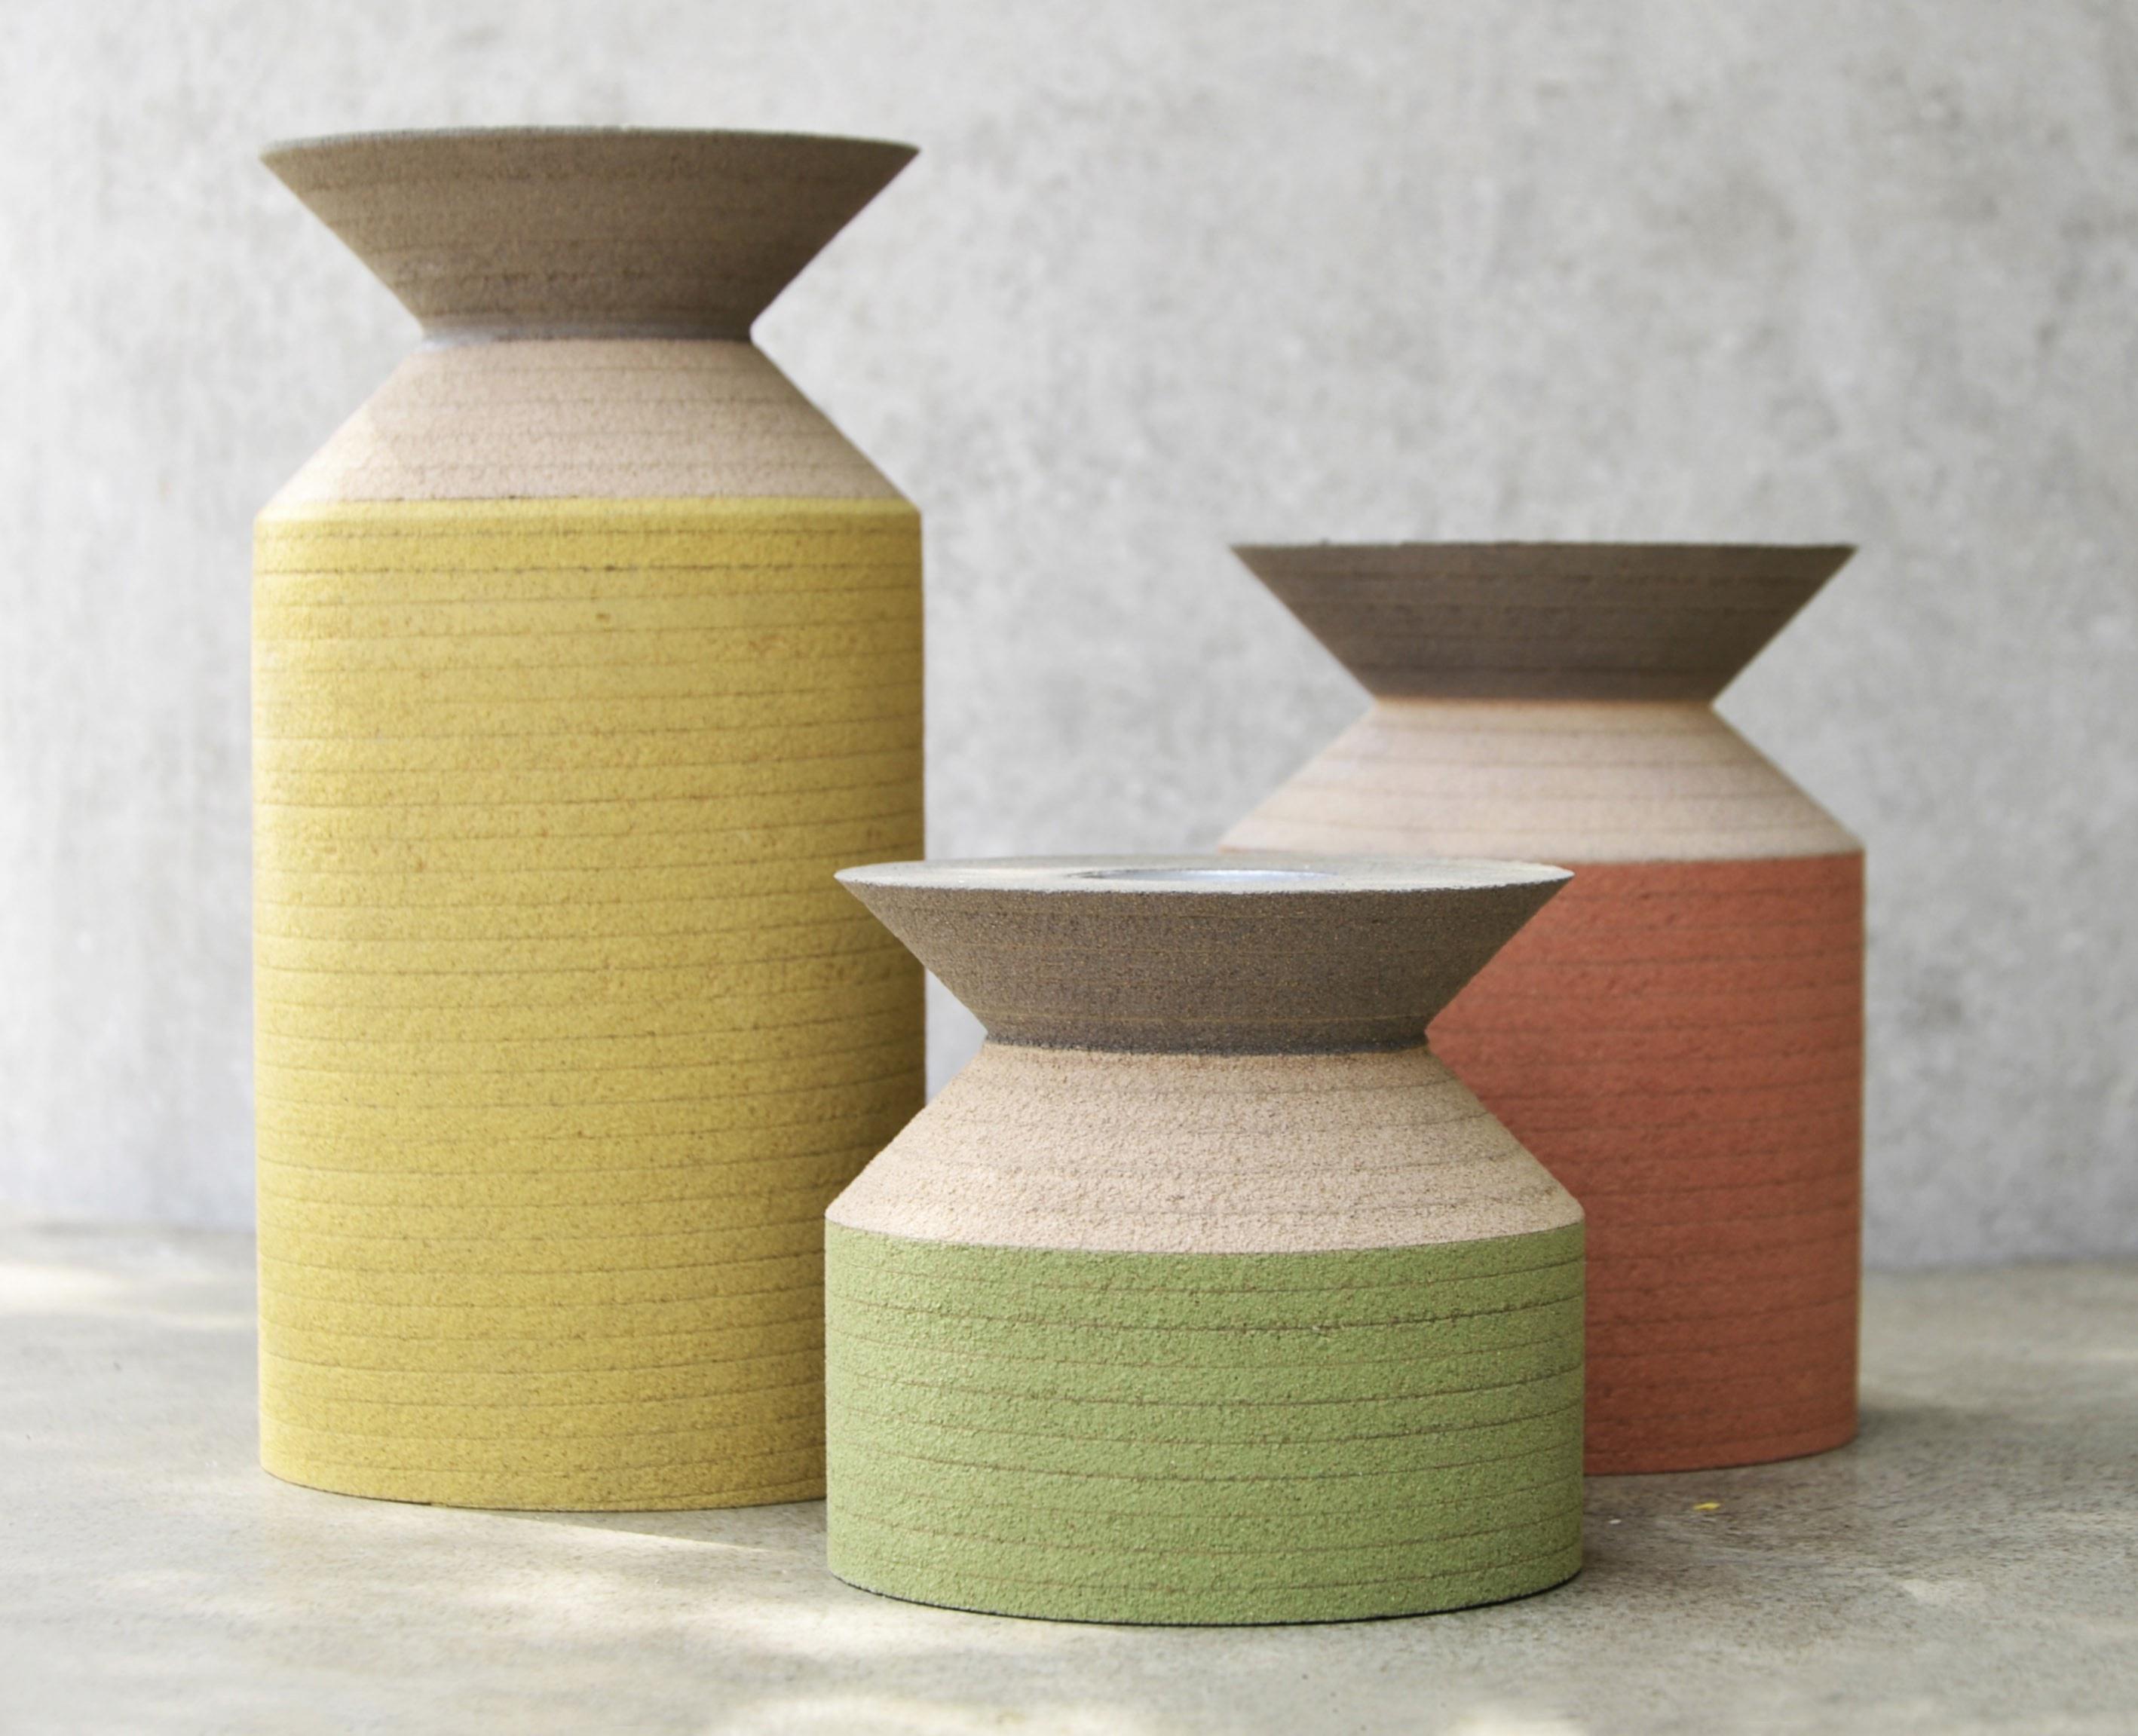 <p>Ook-het-werk-van-Stefano-Sabatè-zoals-dit-Dorico-Moderno-gemaakt-van-Furniture-linoleum-is-te-zien-bij-Forbo-Flooring-in-de-Kazerne</p>